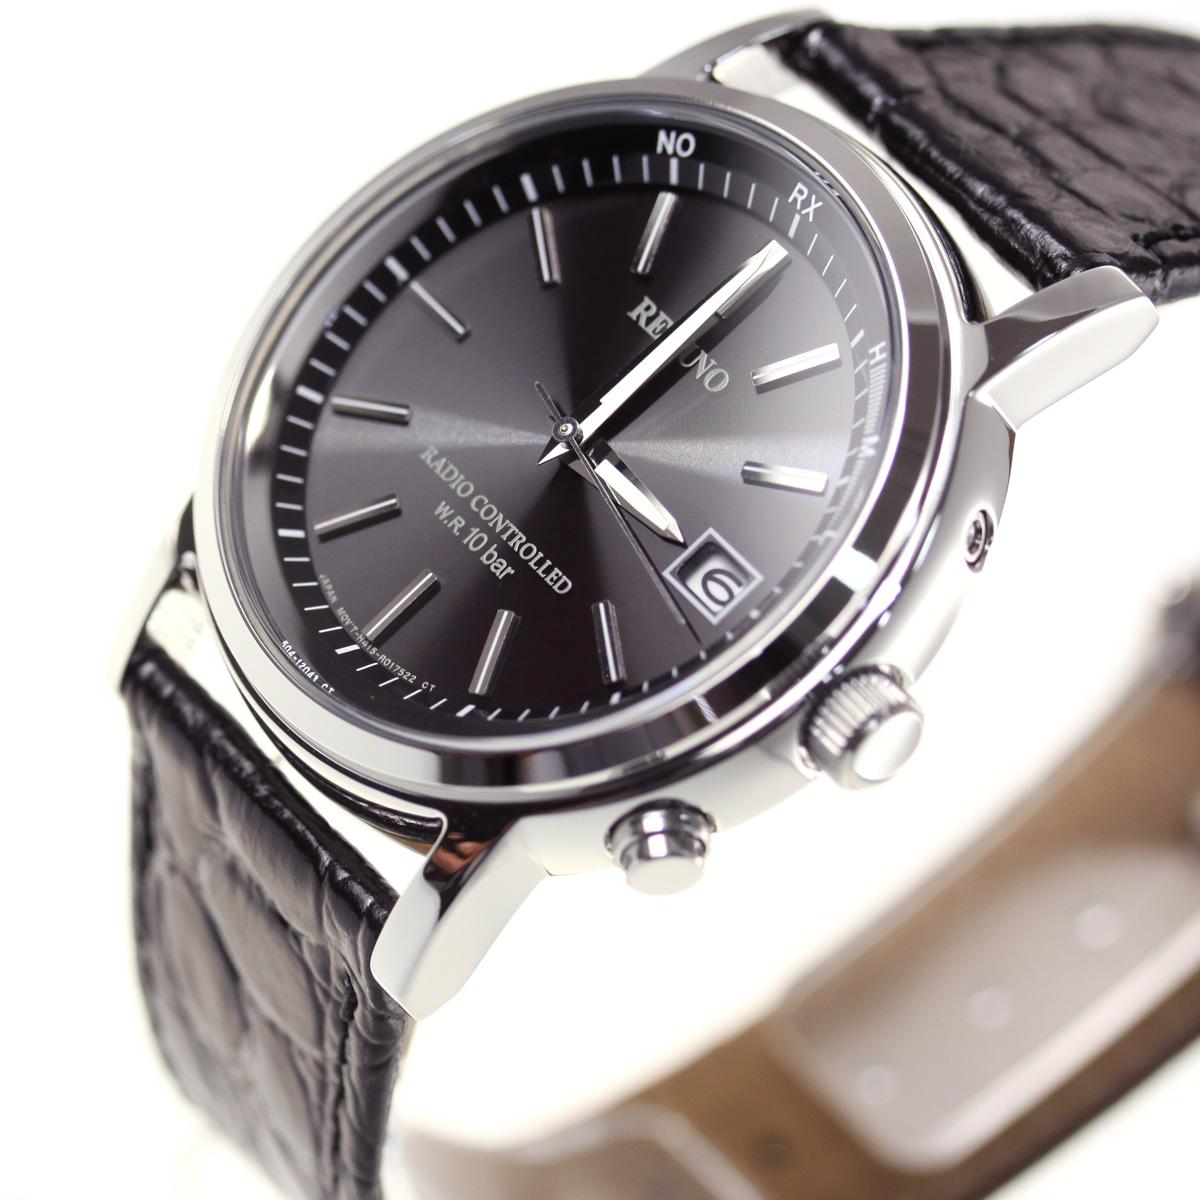 シチズン レグノ CITIZEN REGUNO ソーラー 電波時計 腕時計 メンズ クラシック ストラップ KL7-019-50【シチズン レグノ】【正規品】【送料無料】